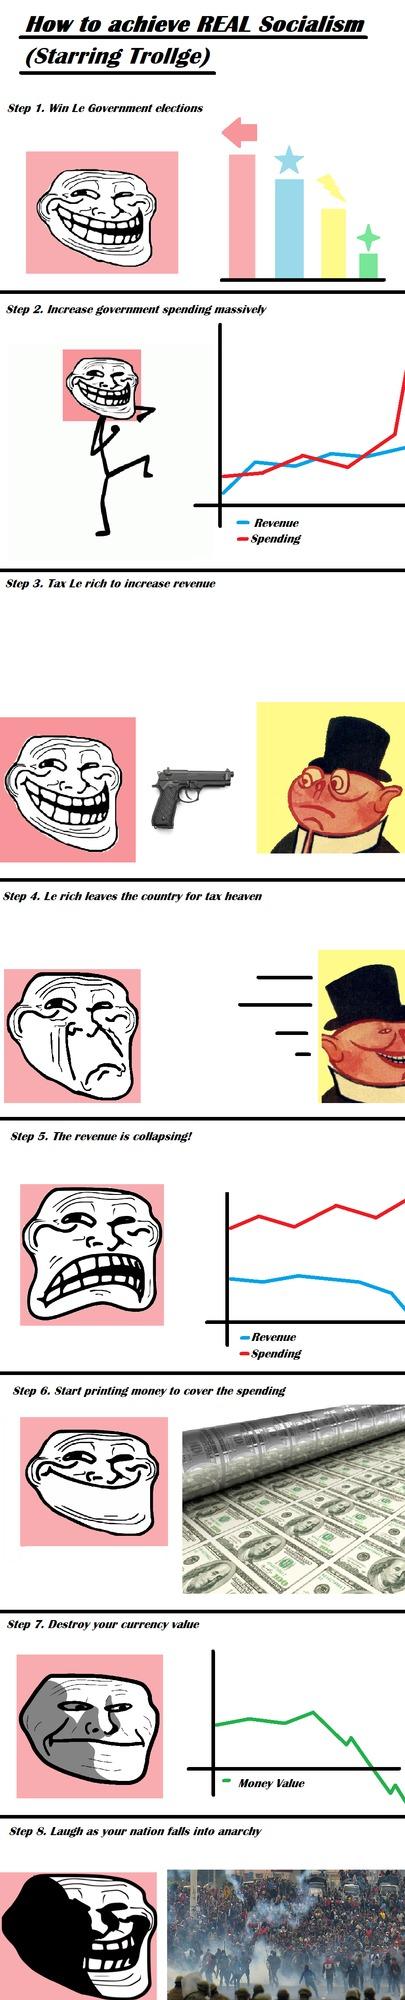 Guide how to achieve true socialism - meme